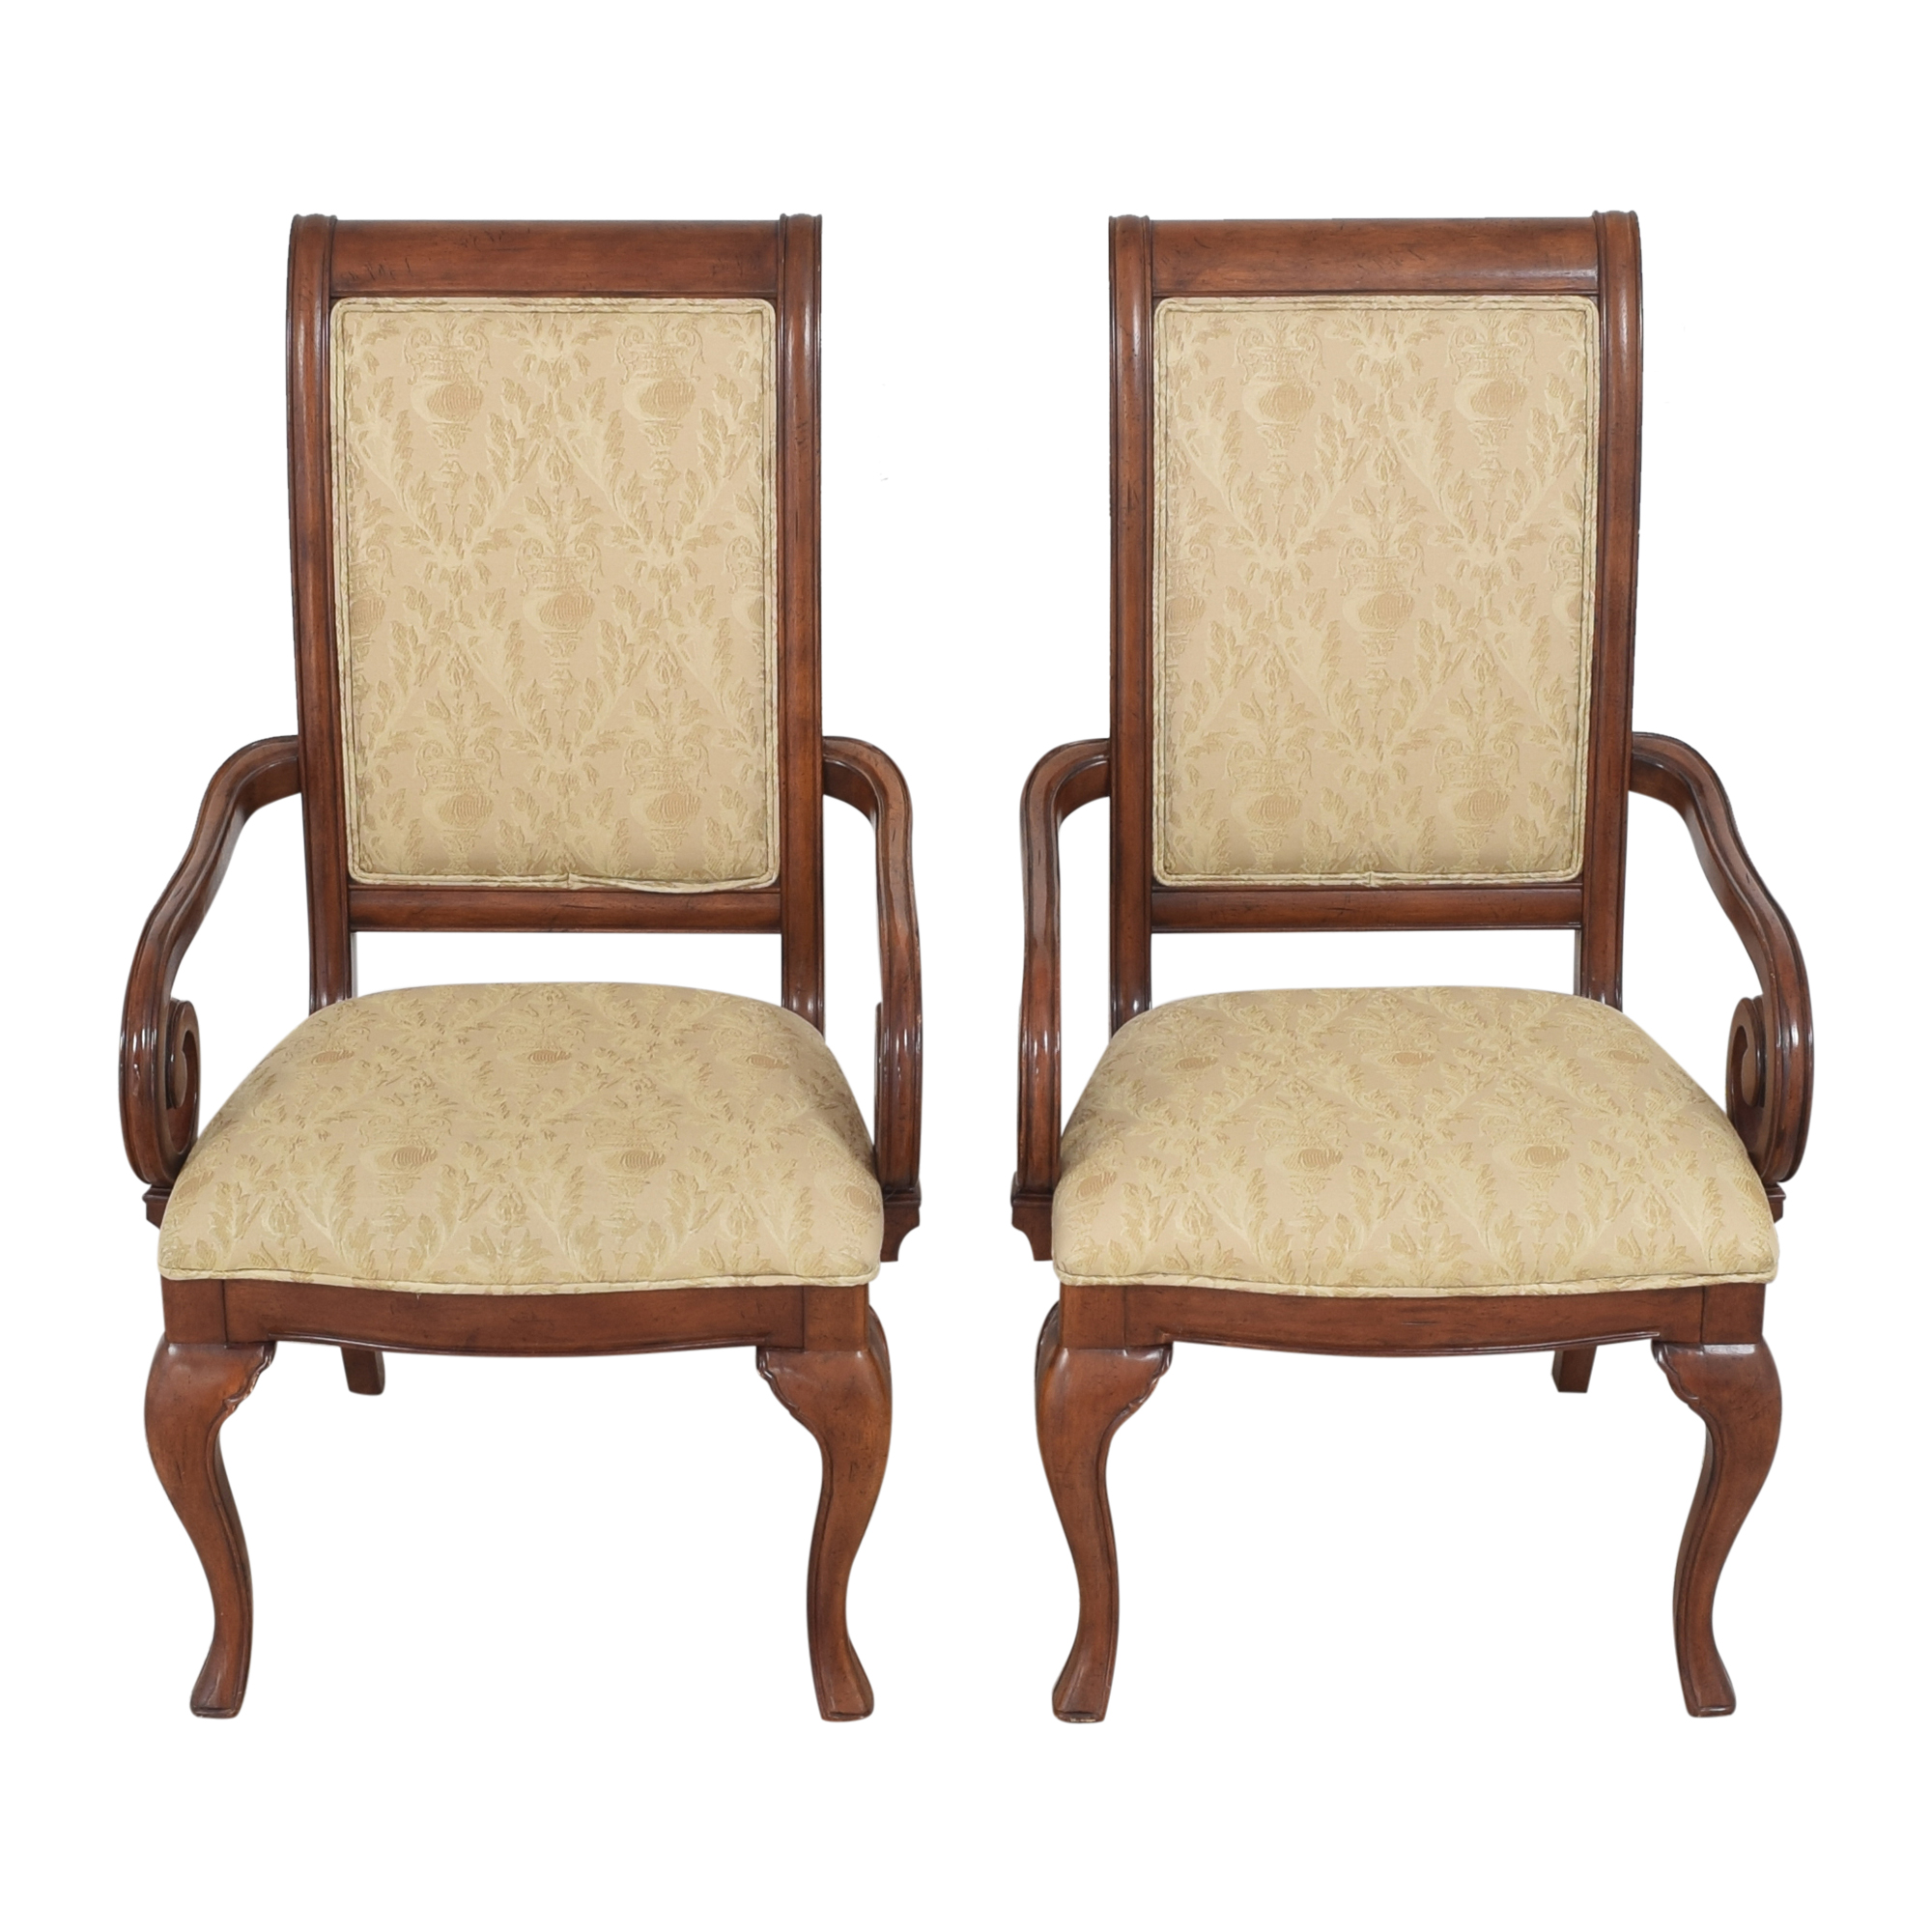 Thomasville Thomasville Dining Arm Chairs nj